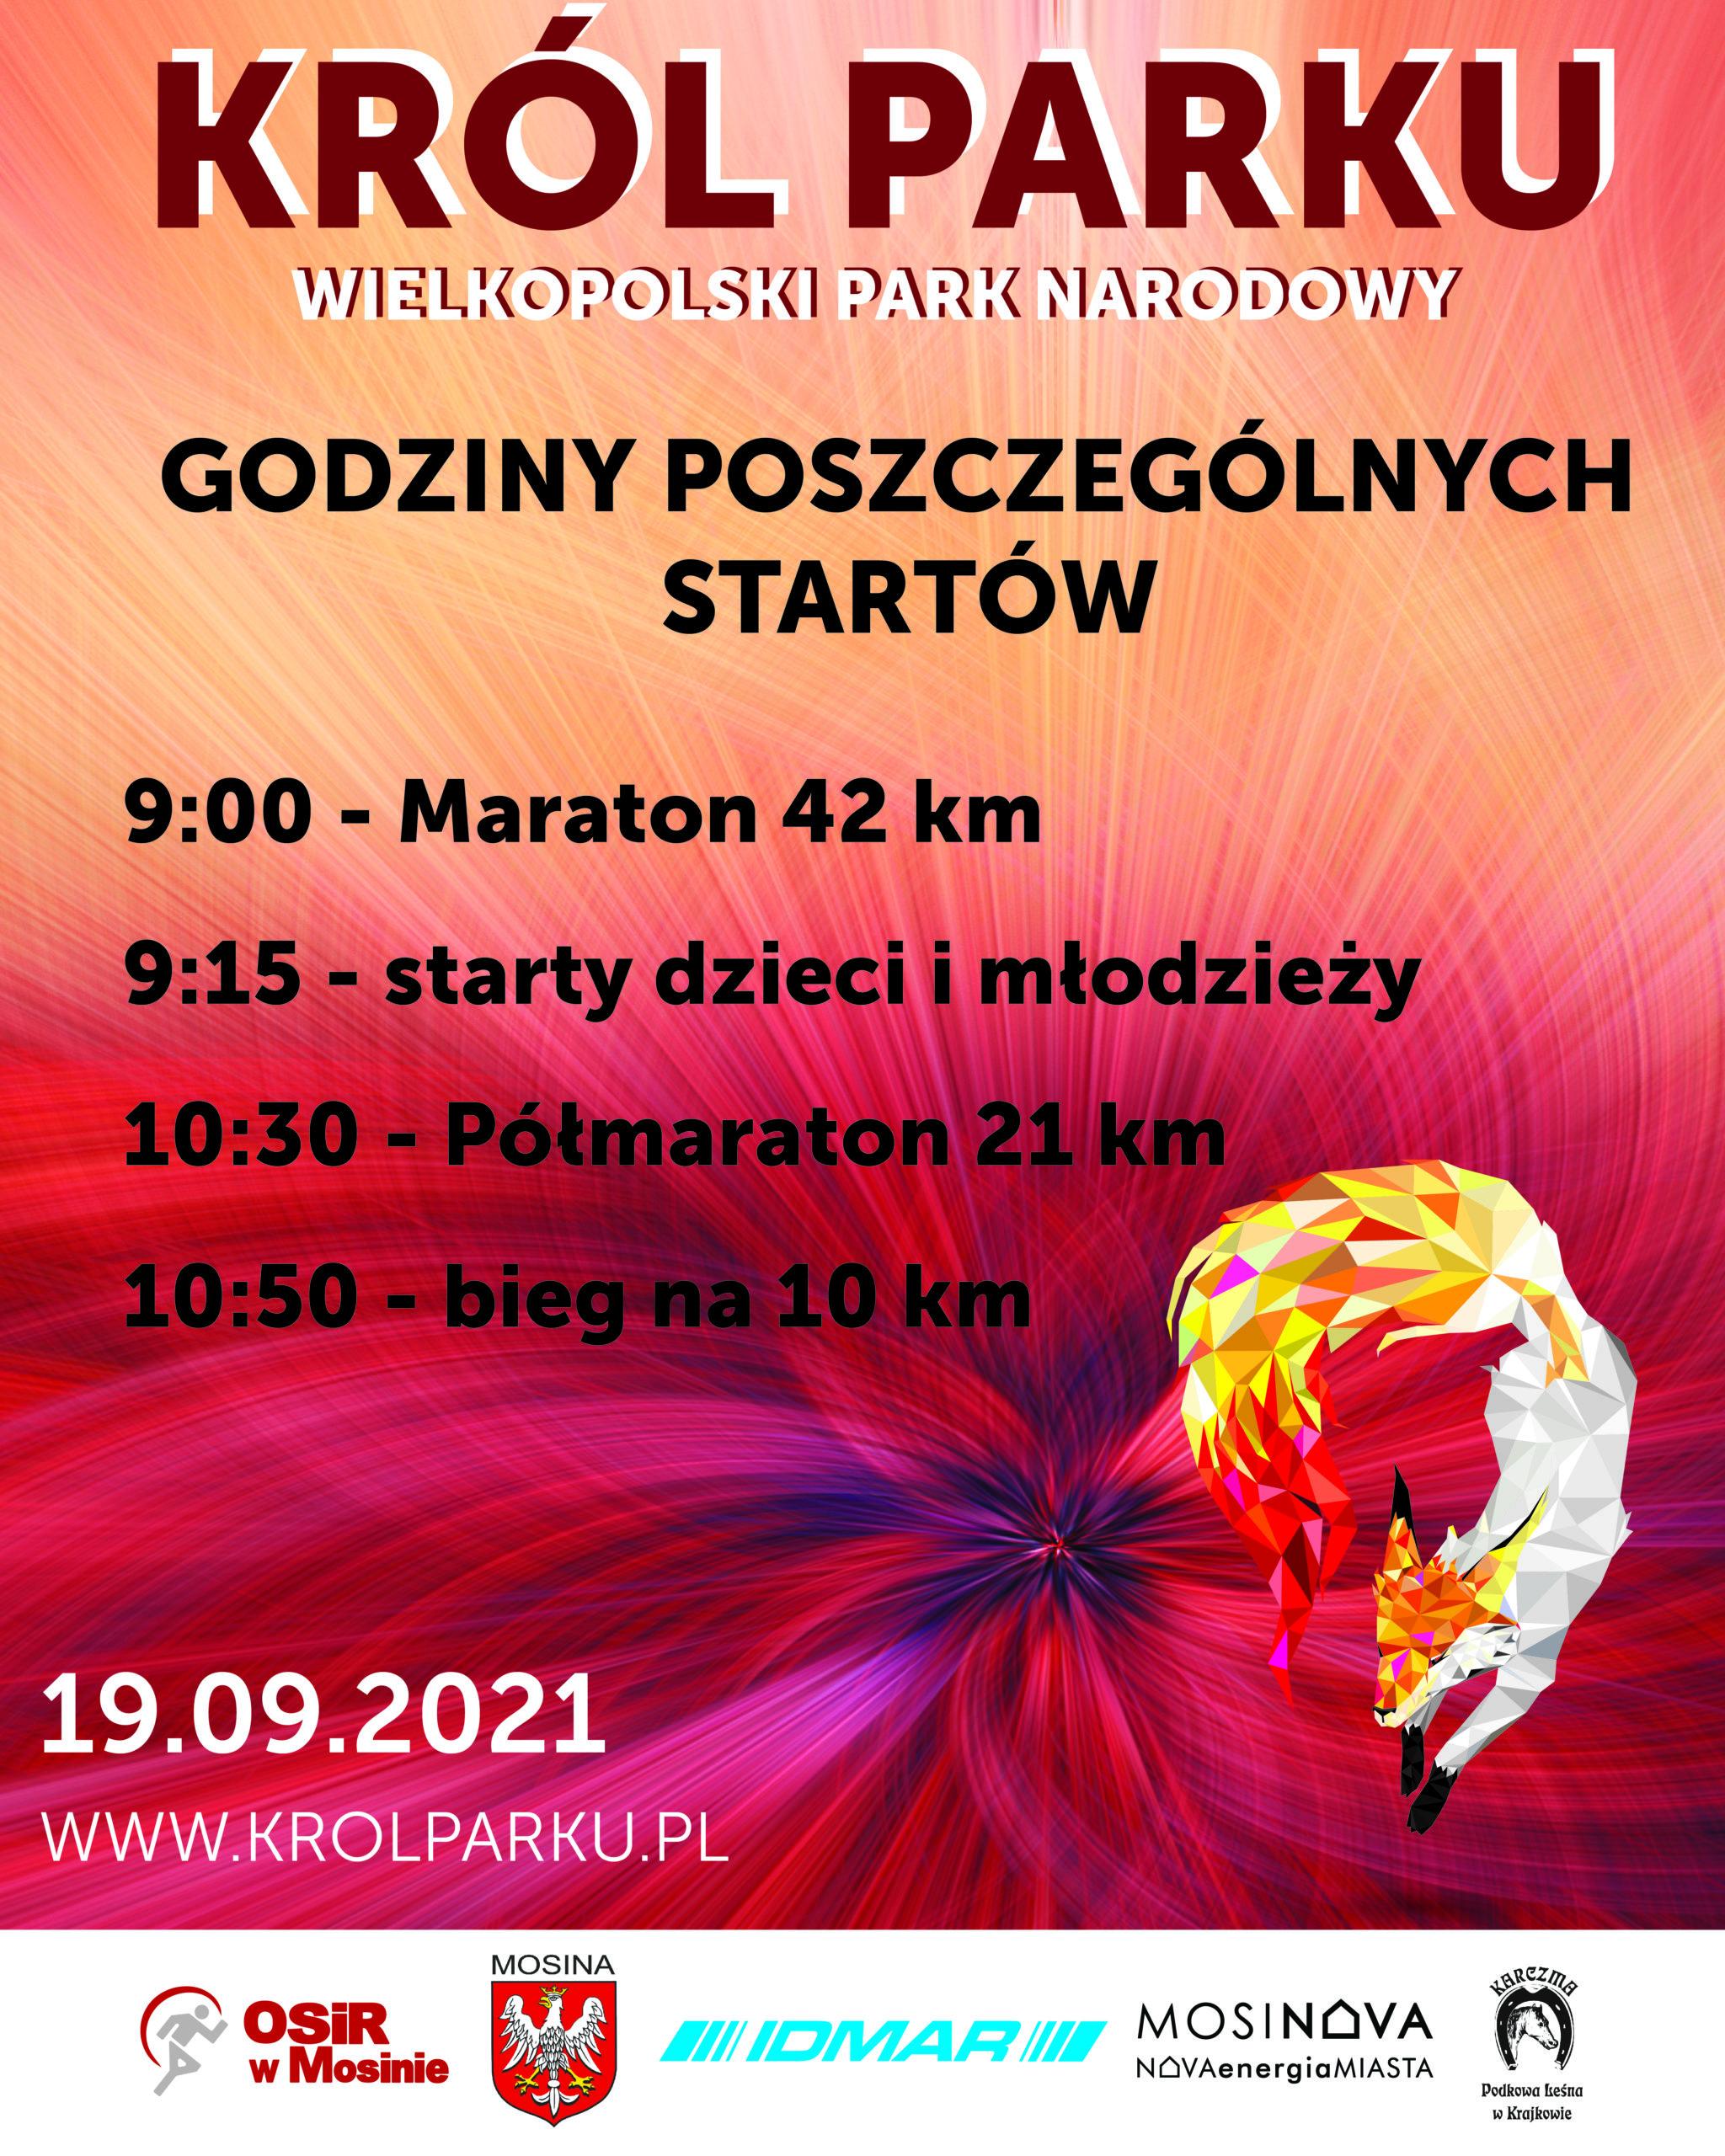 Godziny poszczególnych startów na biegu Król Parku w dniu 19 września 2021 roku